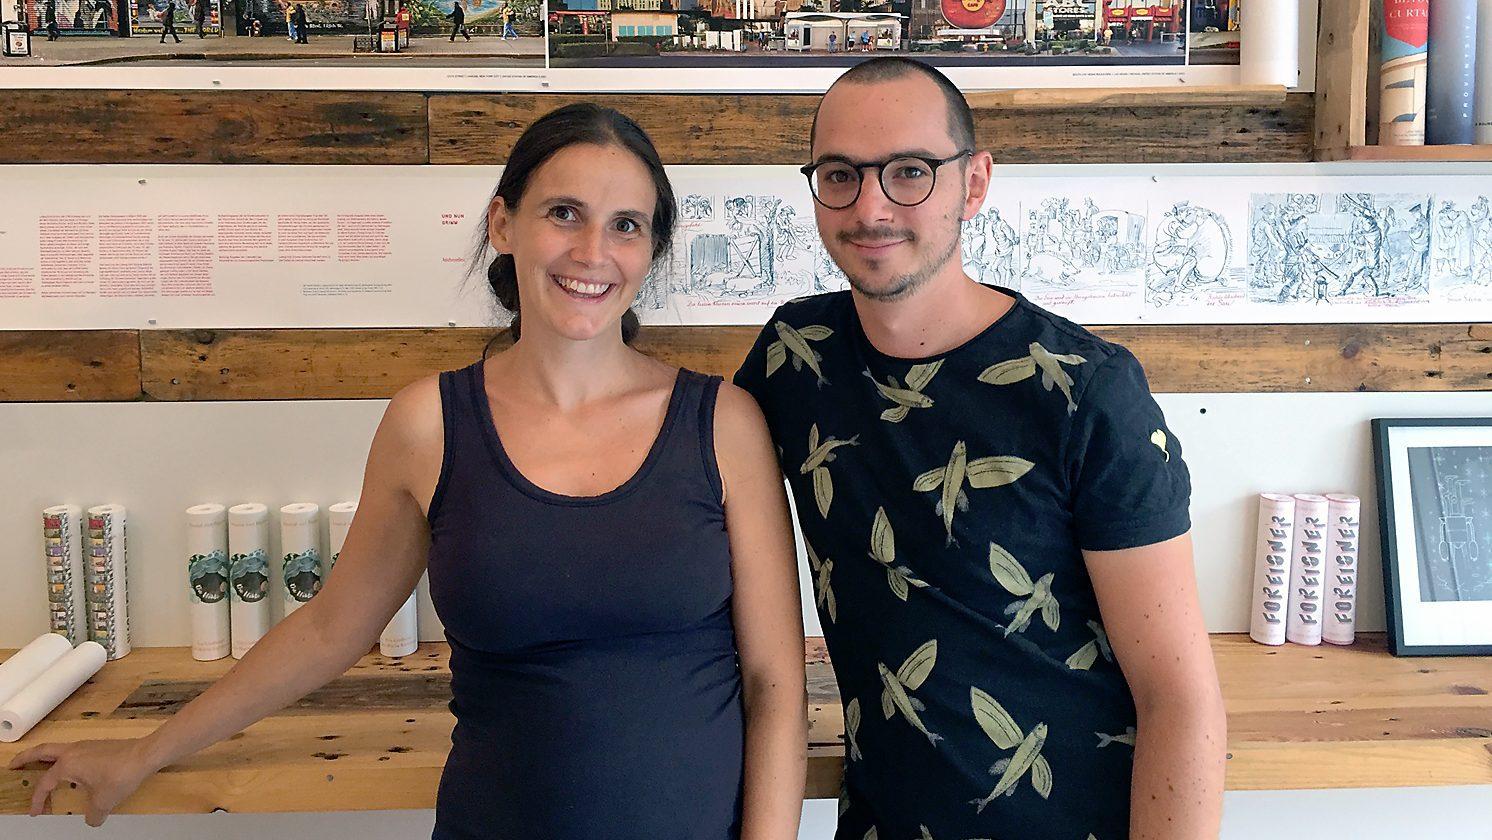 Eine schwangere, dunklehaarige Frau und ein junger Mann mit Brille stehen vor einer ausgeklappten Buchrolle.